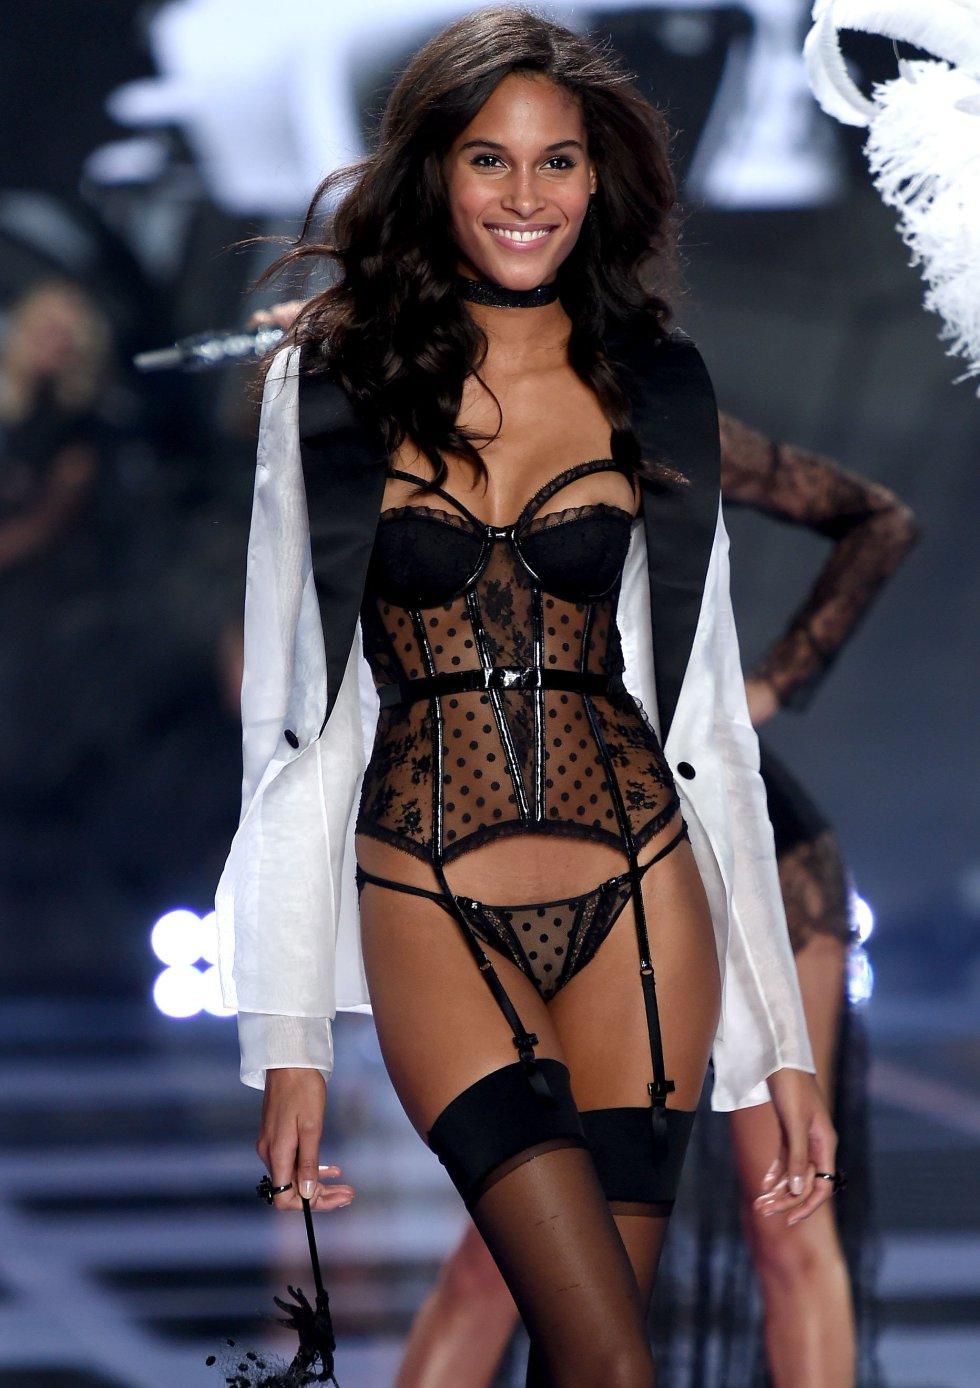 La modelo Cindy Bruna desfila por la pasarela